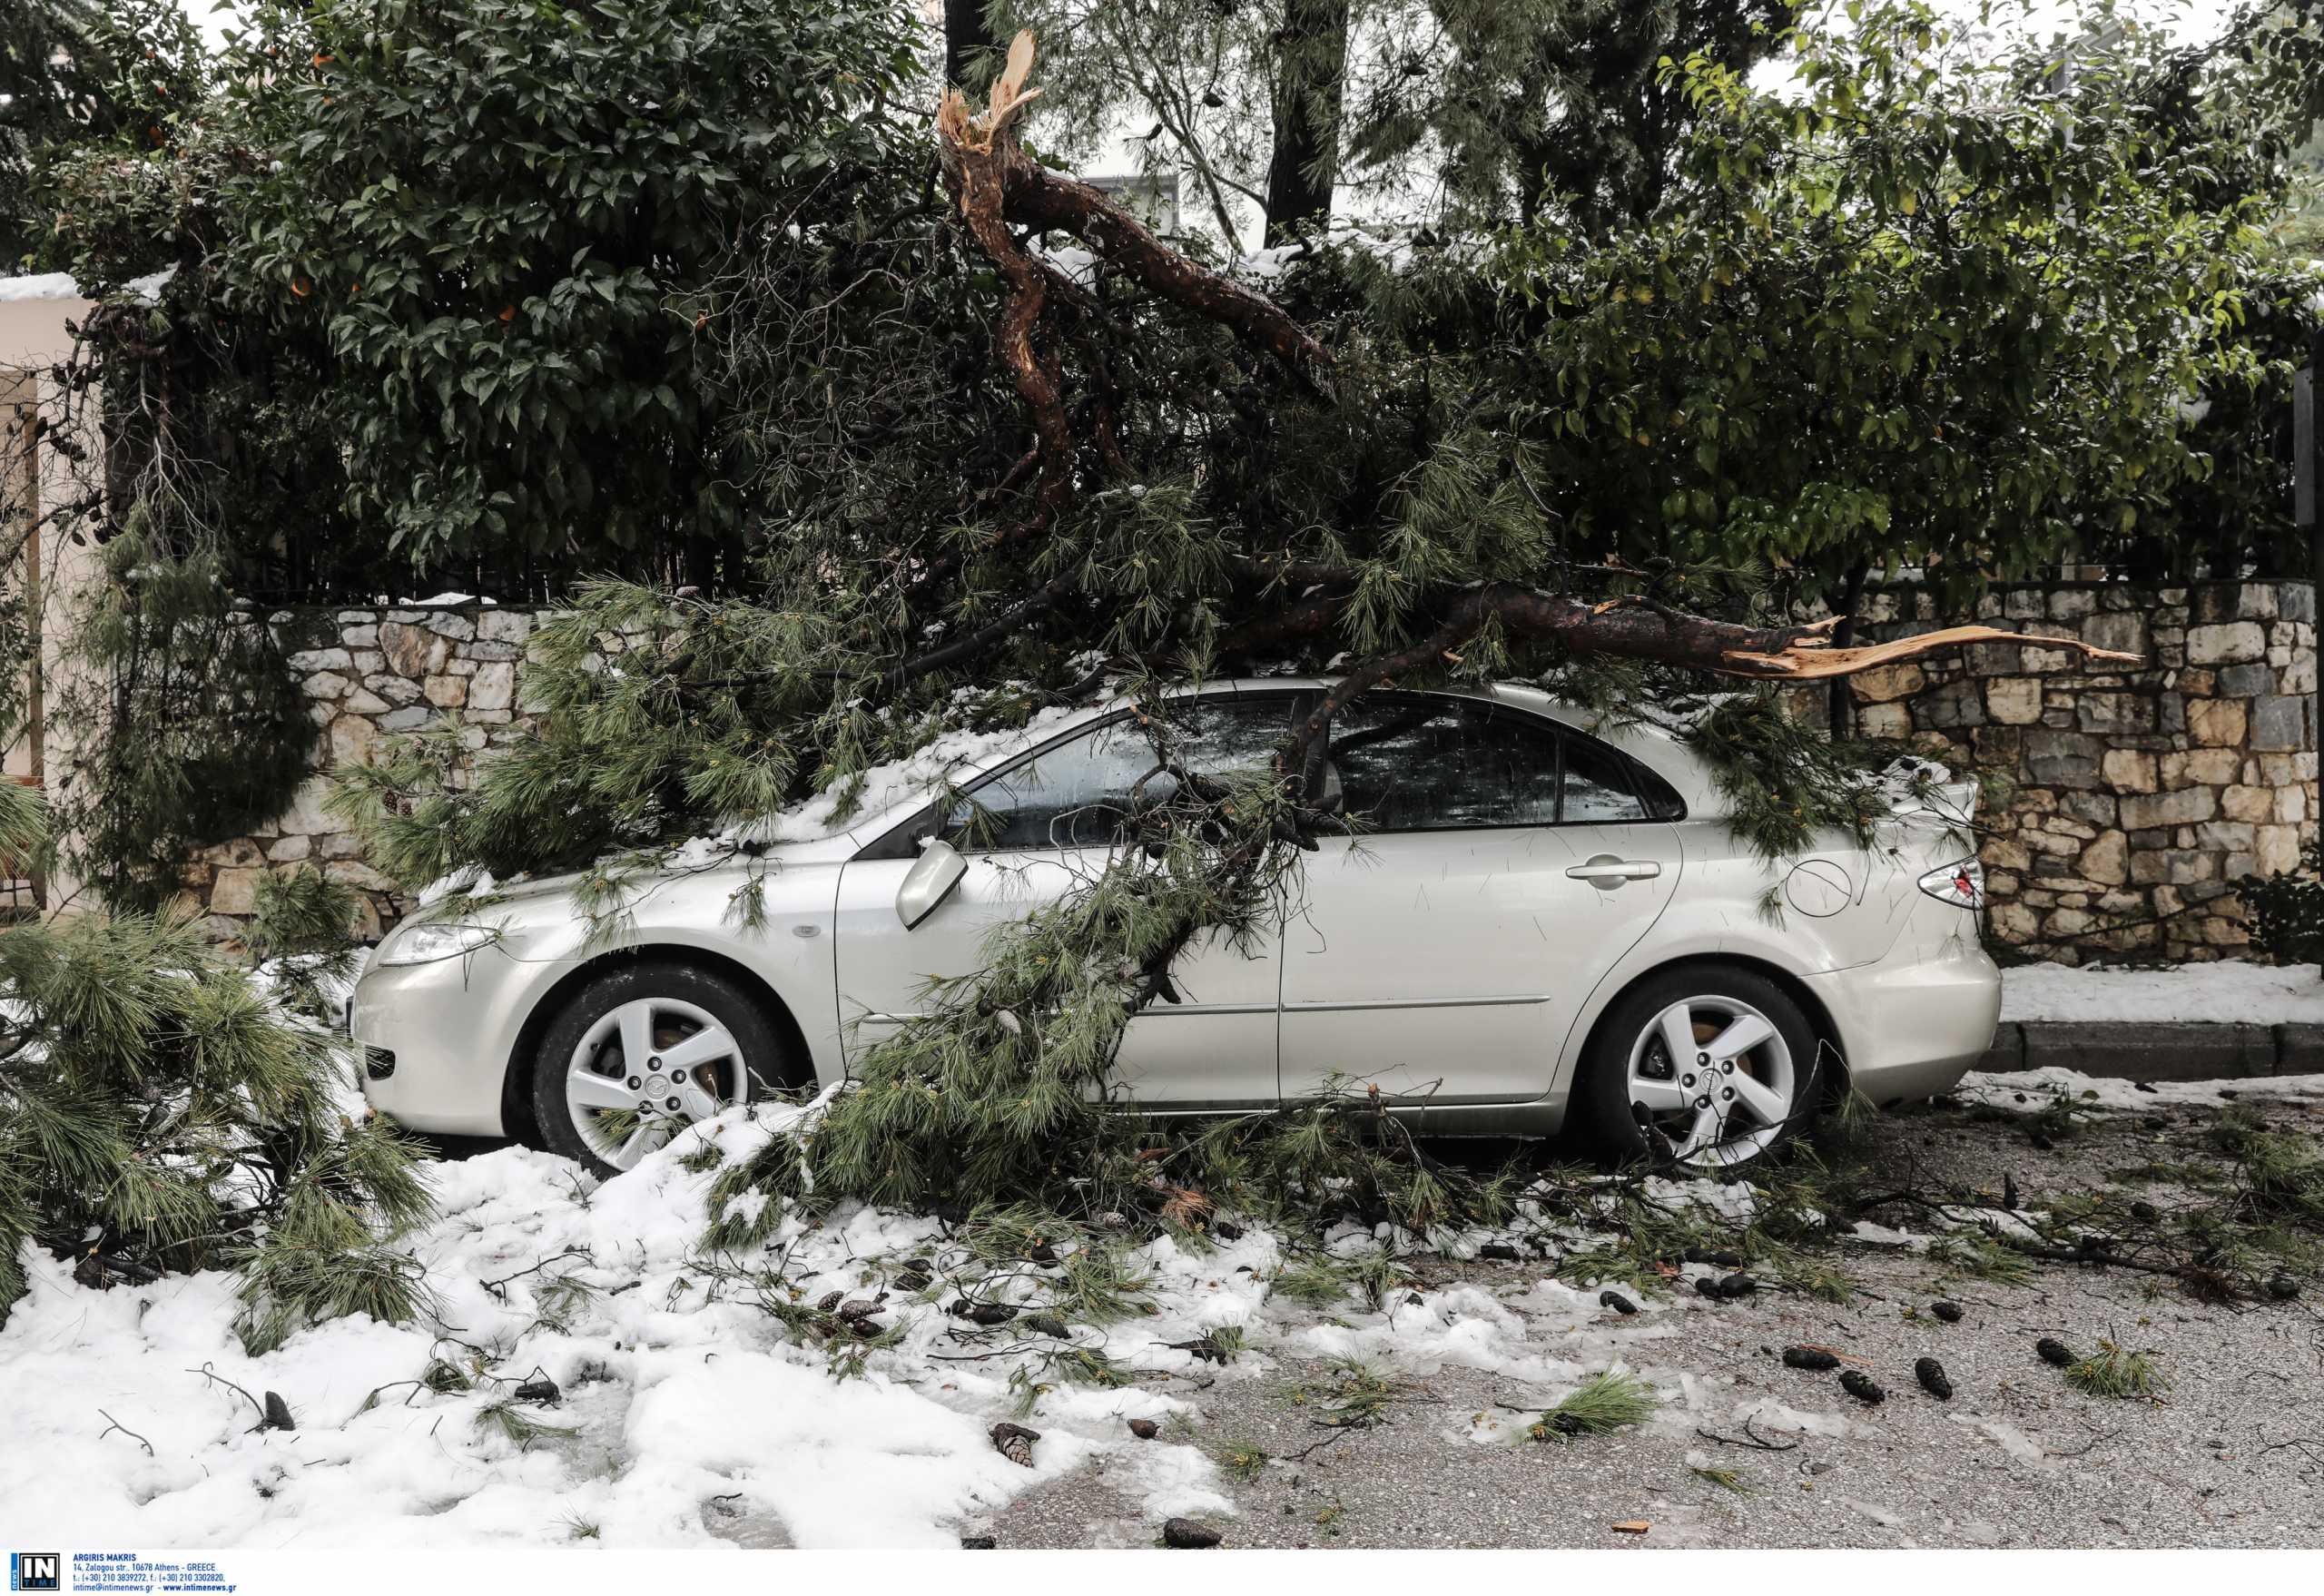 Κακοκαιρία Μήδεια: Αυτό το χιόνι ήταν... διαφορετικό! Γιατί έπεσαν εκατοντάδες δέντρα